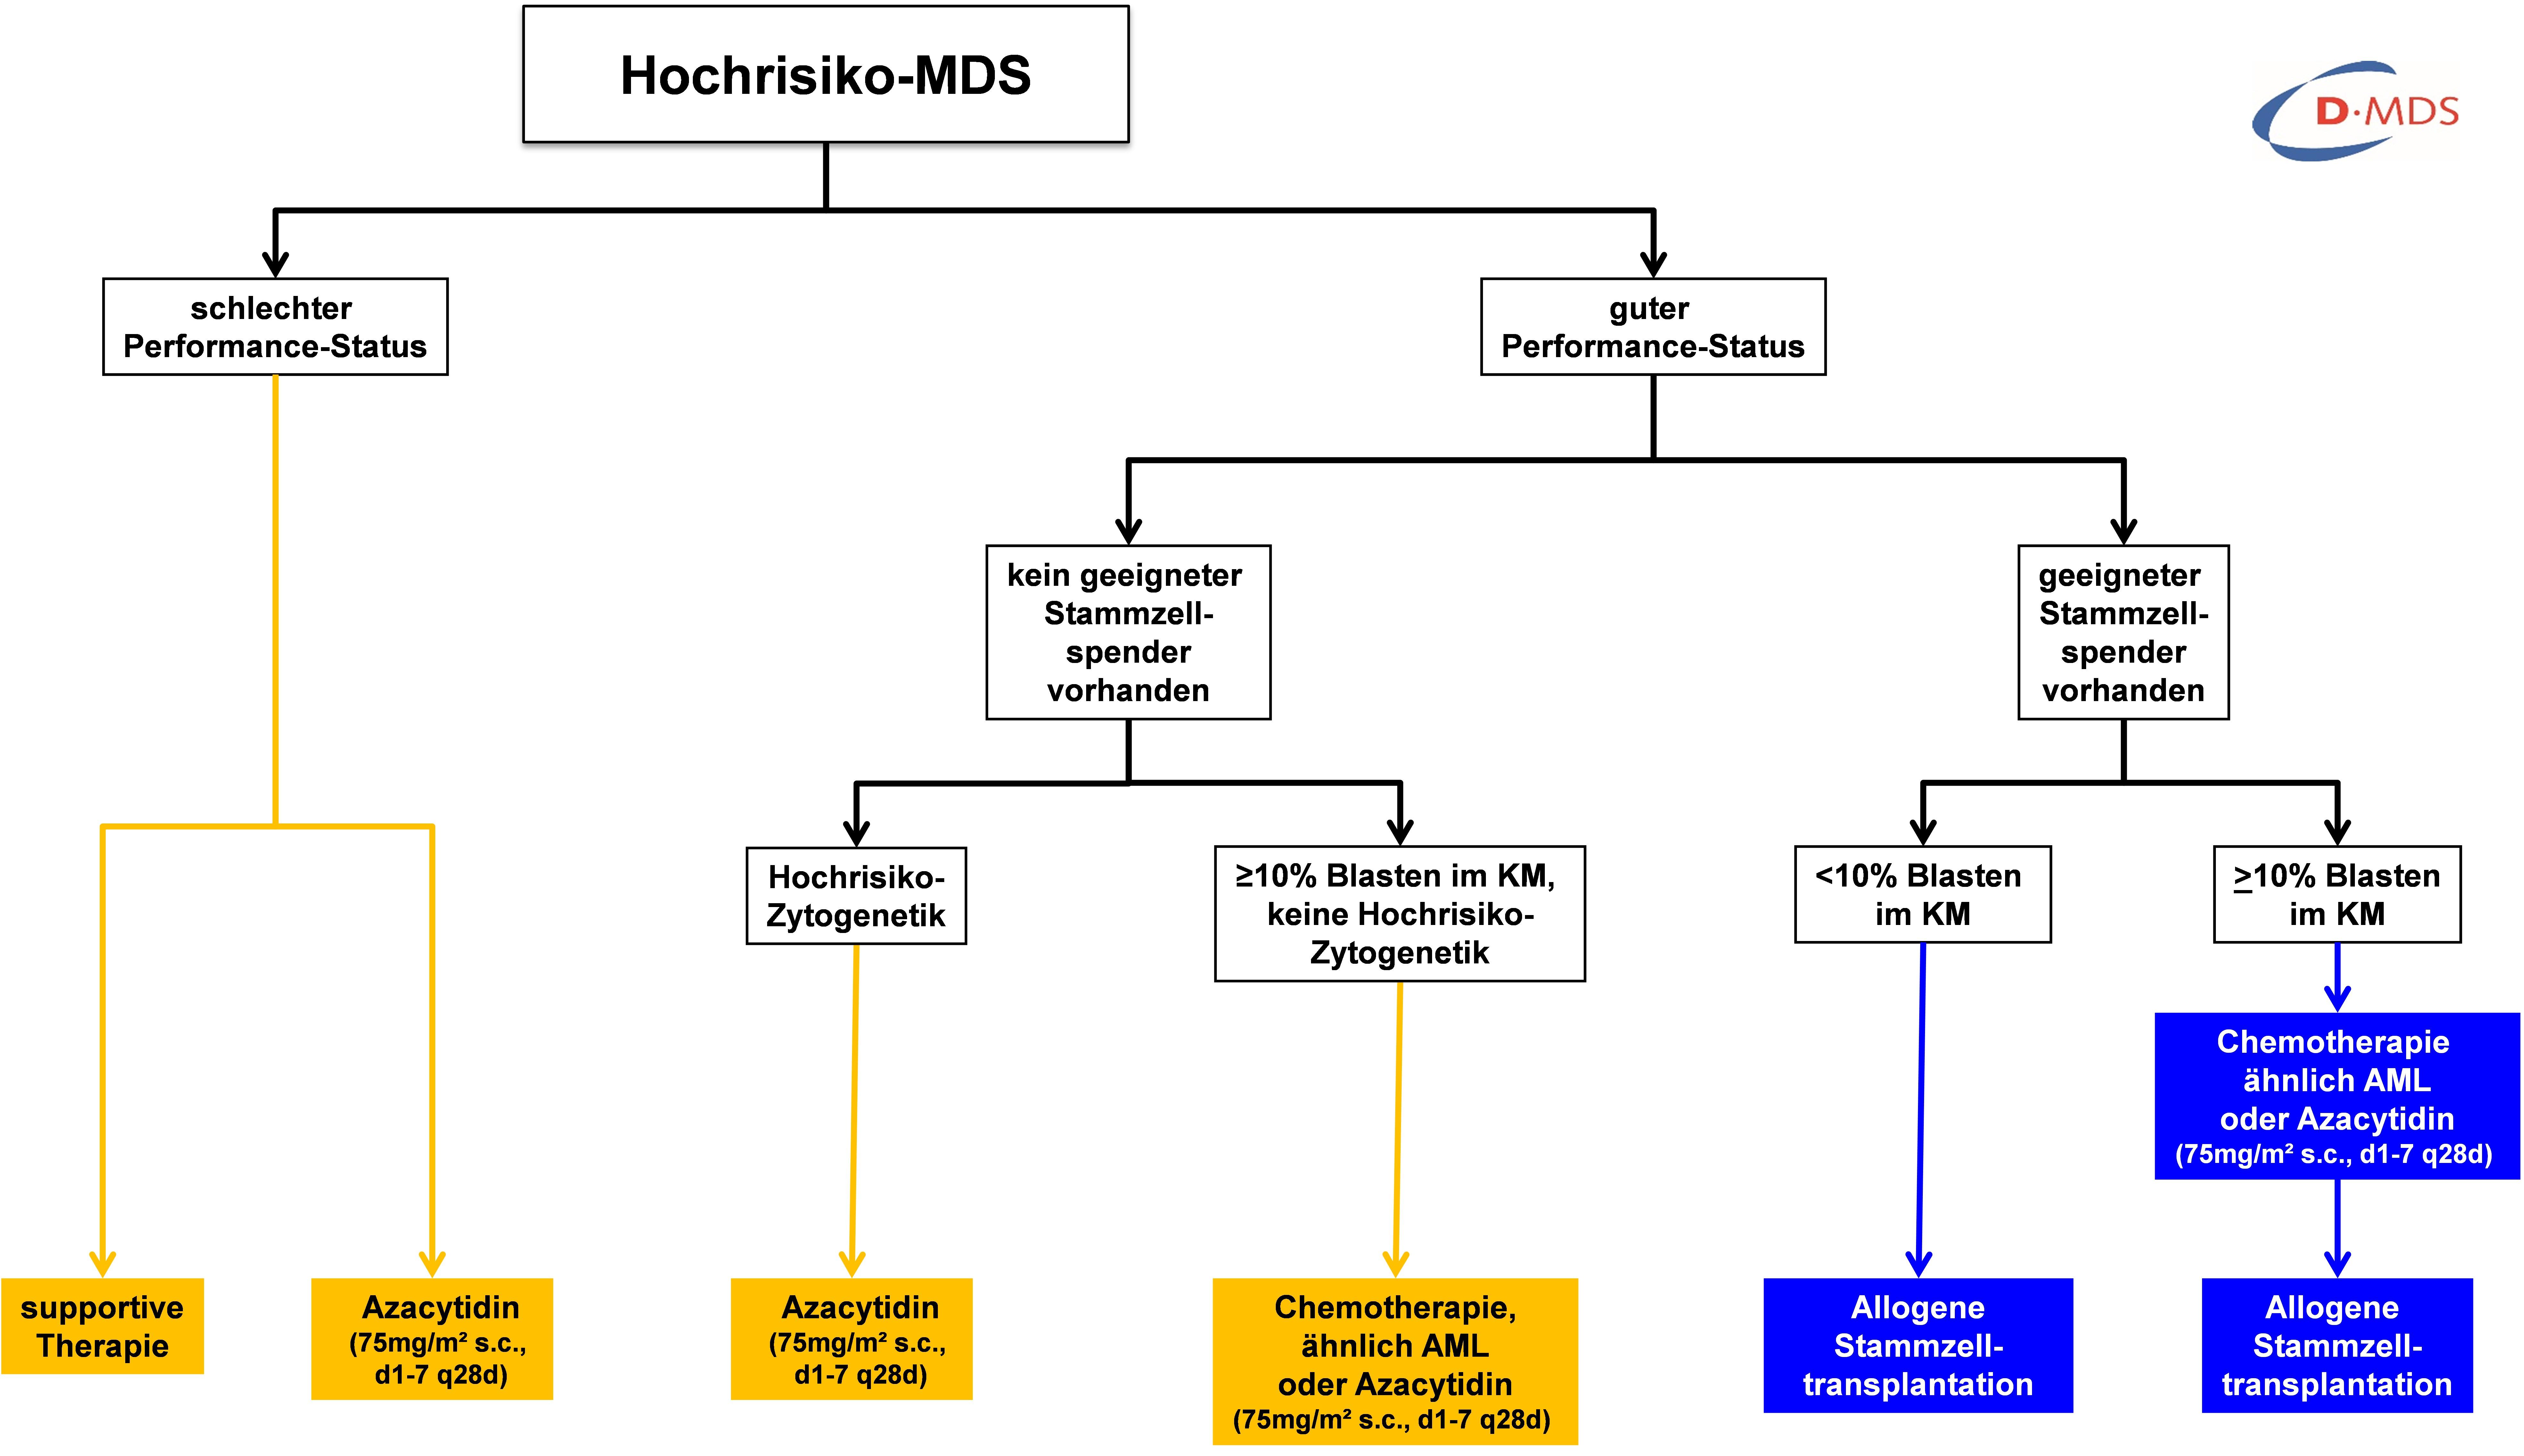 Therapie bei Myelodysplastischem Syndrom (Hochrisiko)